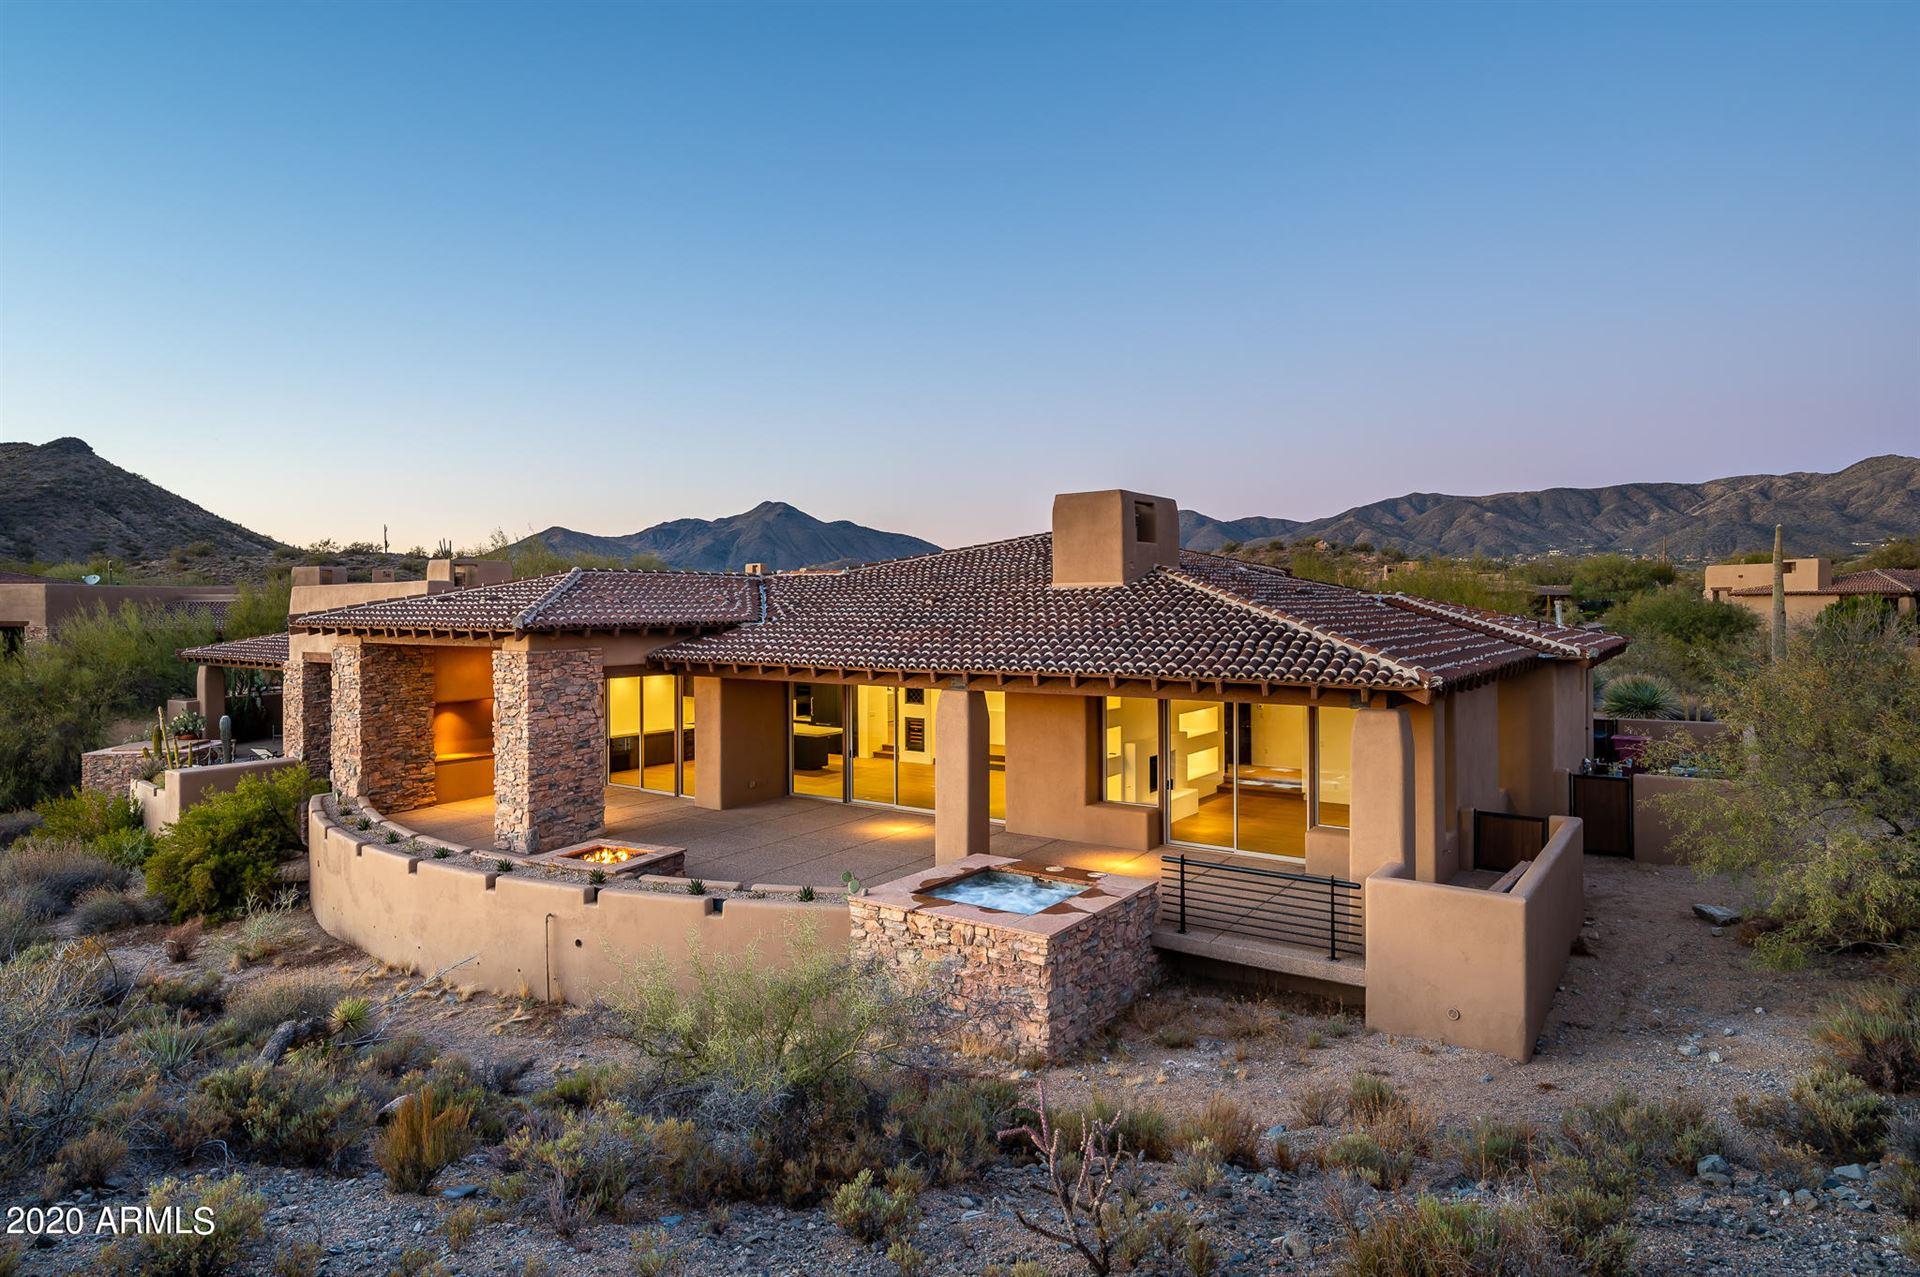 9933 E LOOKOUT MOUNTAIN Drive, Scottsdale, AZ 85262 - #: 6173774